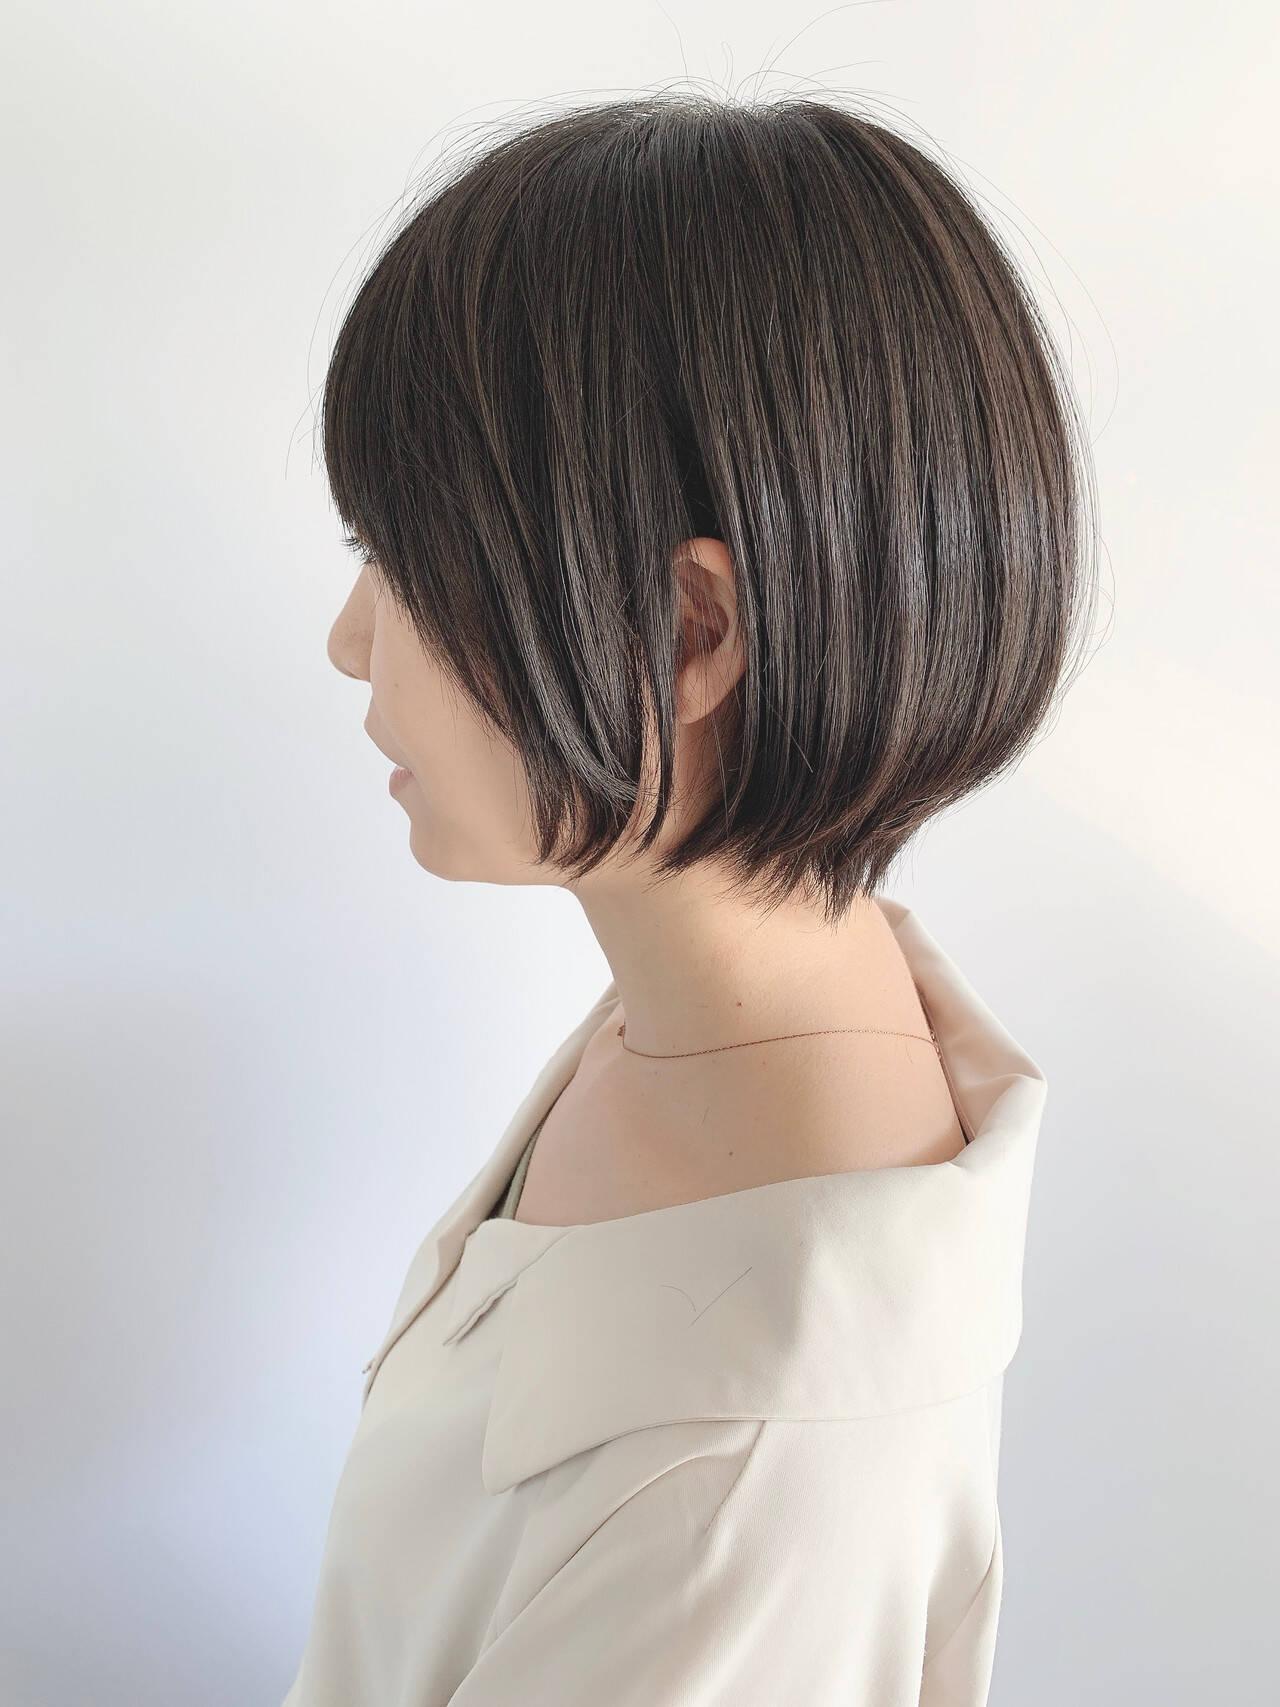 ナチュラル ショートヘア ショートボブ 黒髪ショートヘアスタイルや髪型の写真・画像